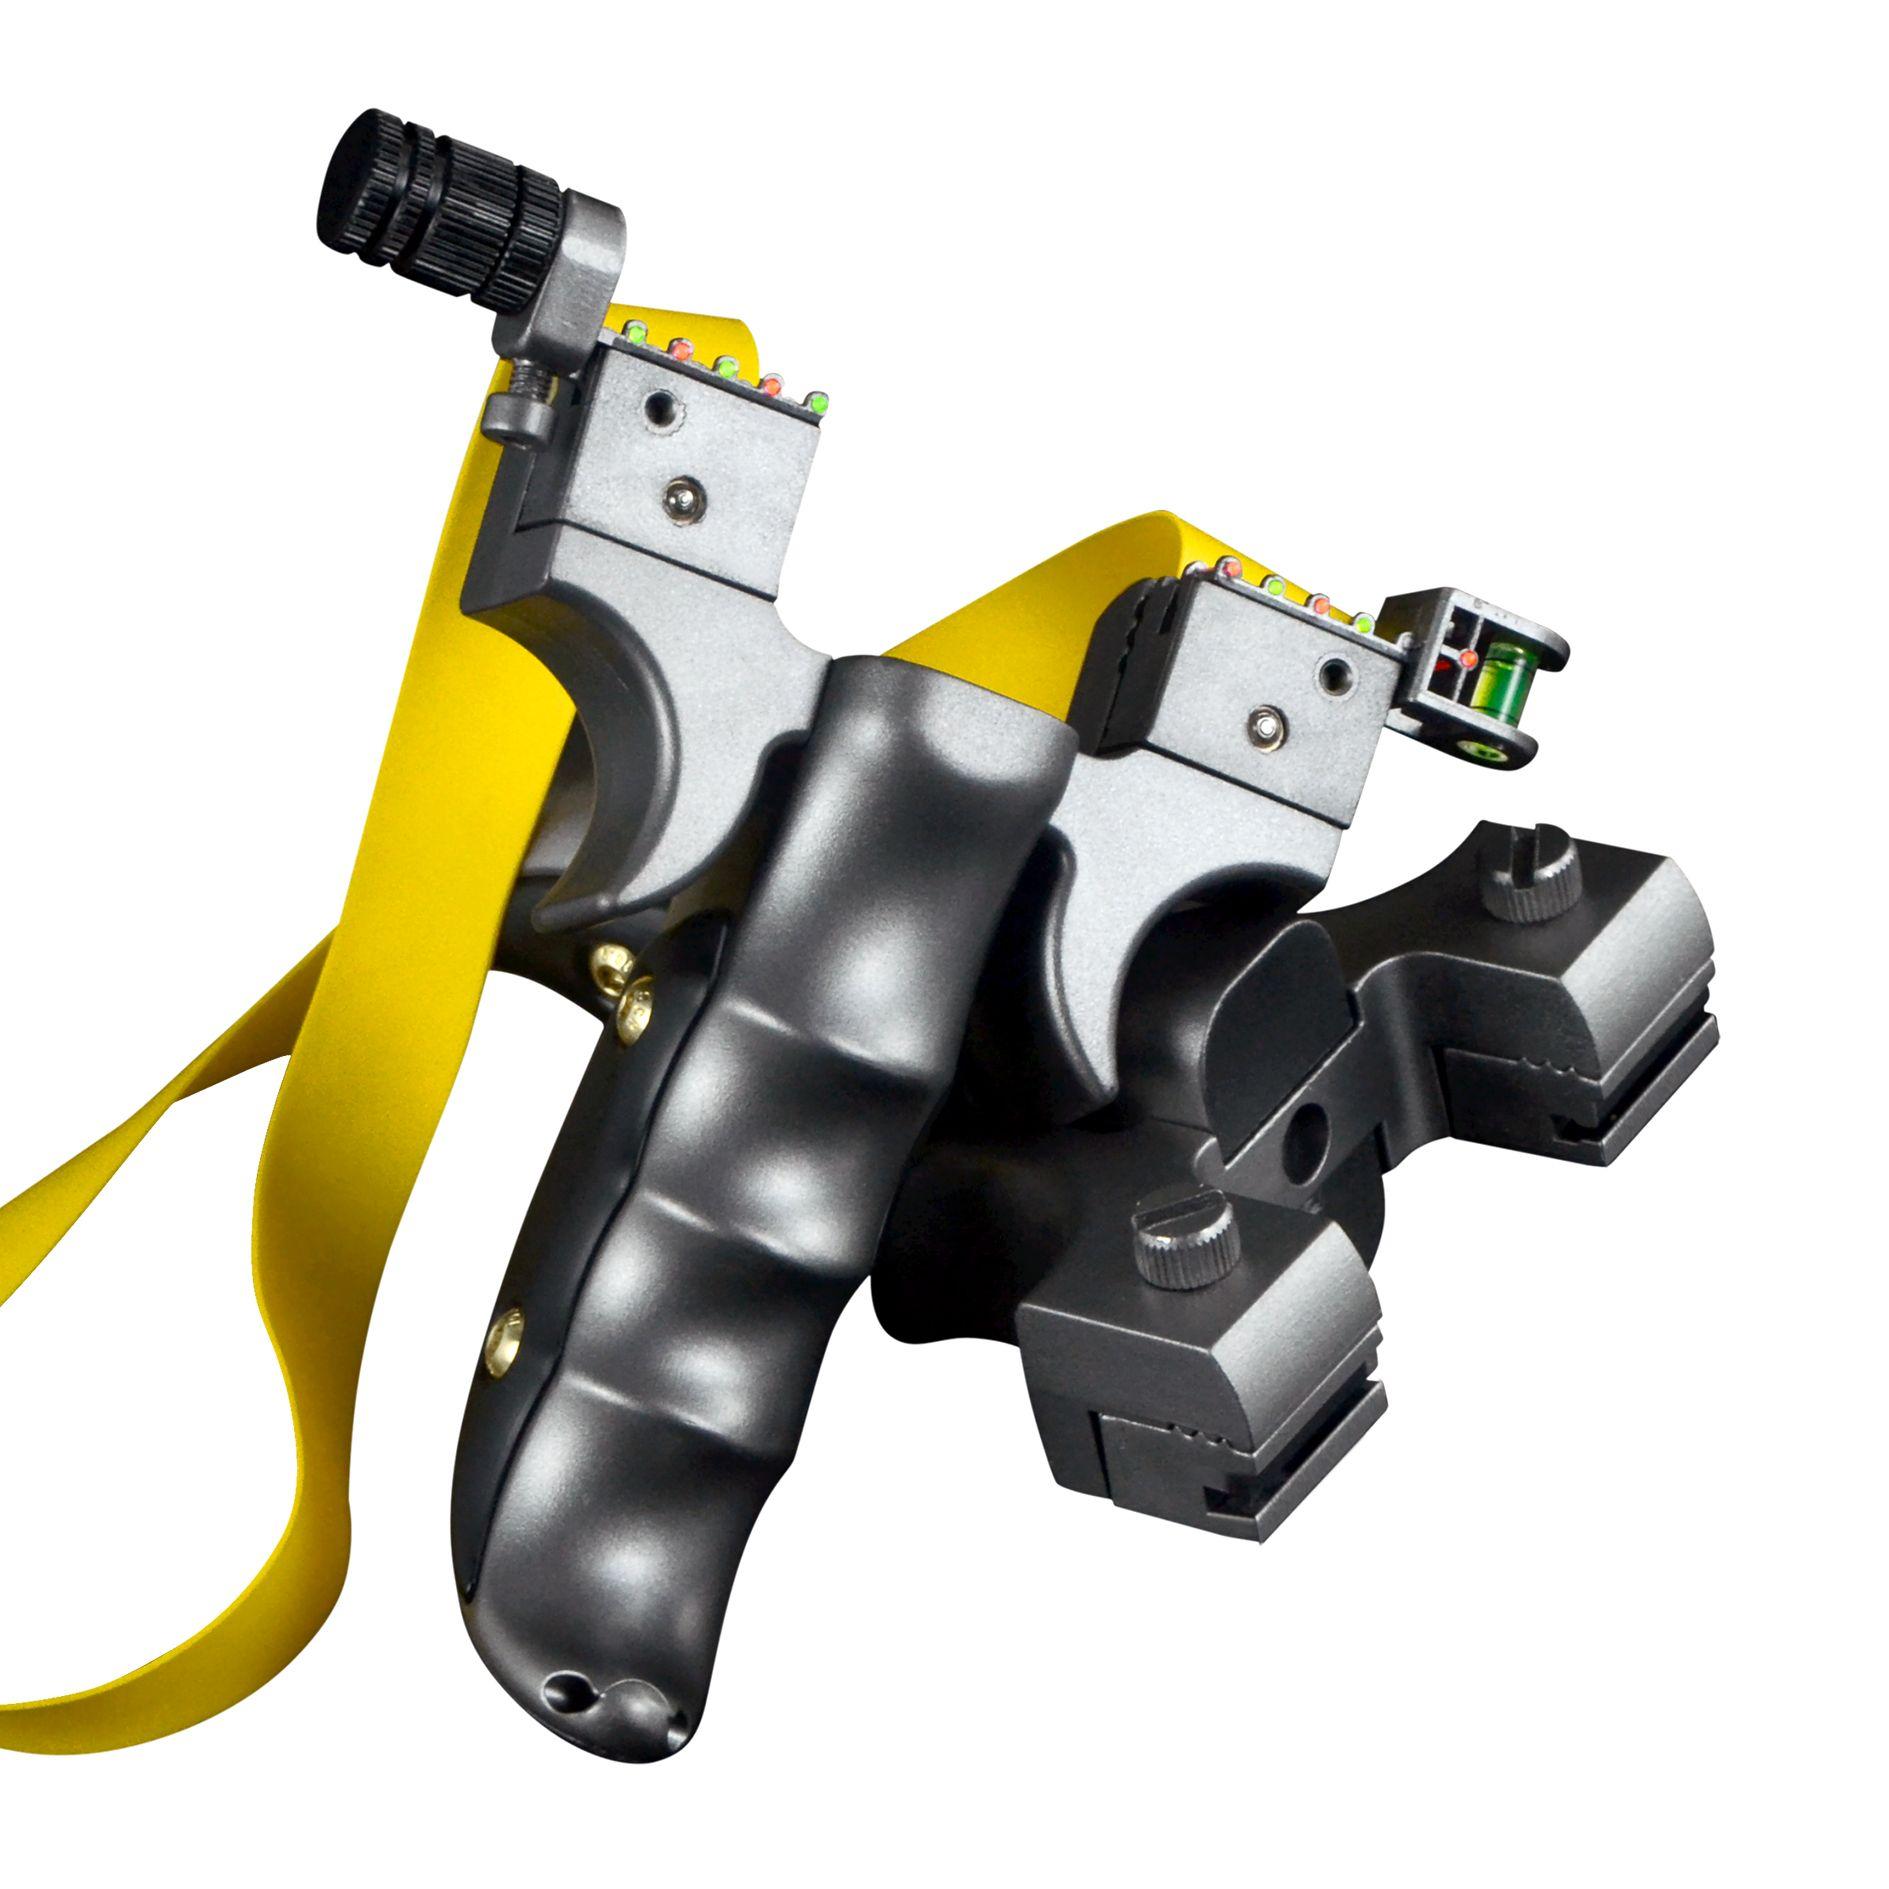 블랙 수지 사냥 새총 투석기 양궁 슬링 레벨 미터 시력 램프가 평면 고무 밴드 포인트를 목표로 야외 Slingbow 샷